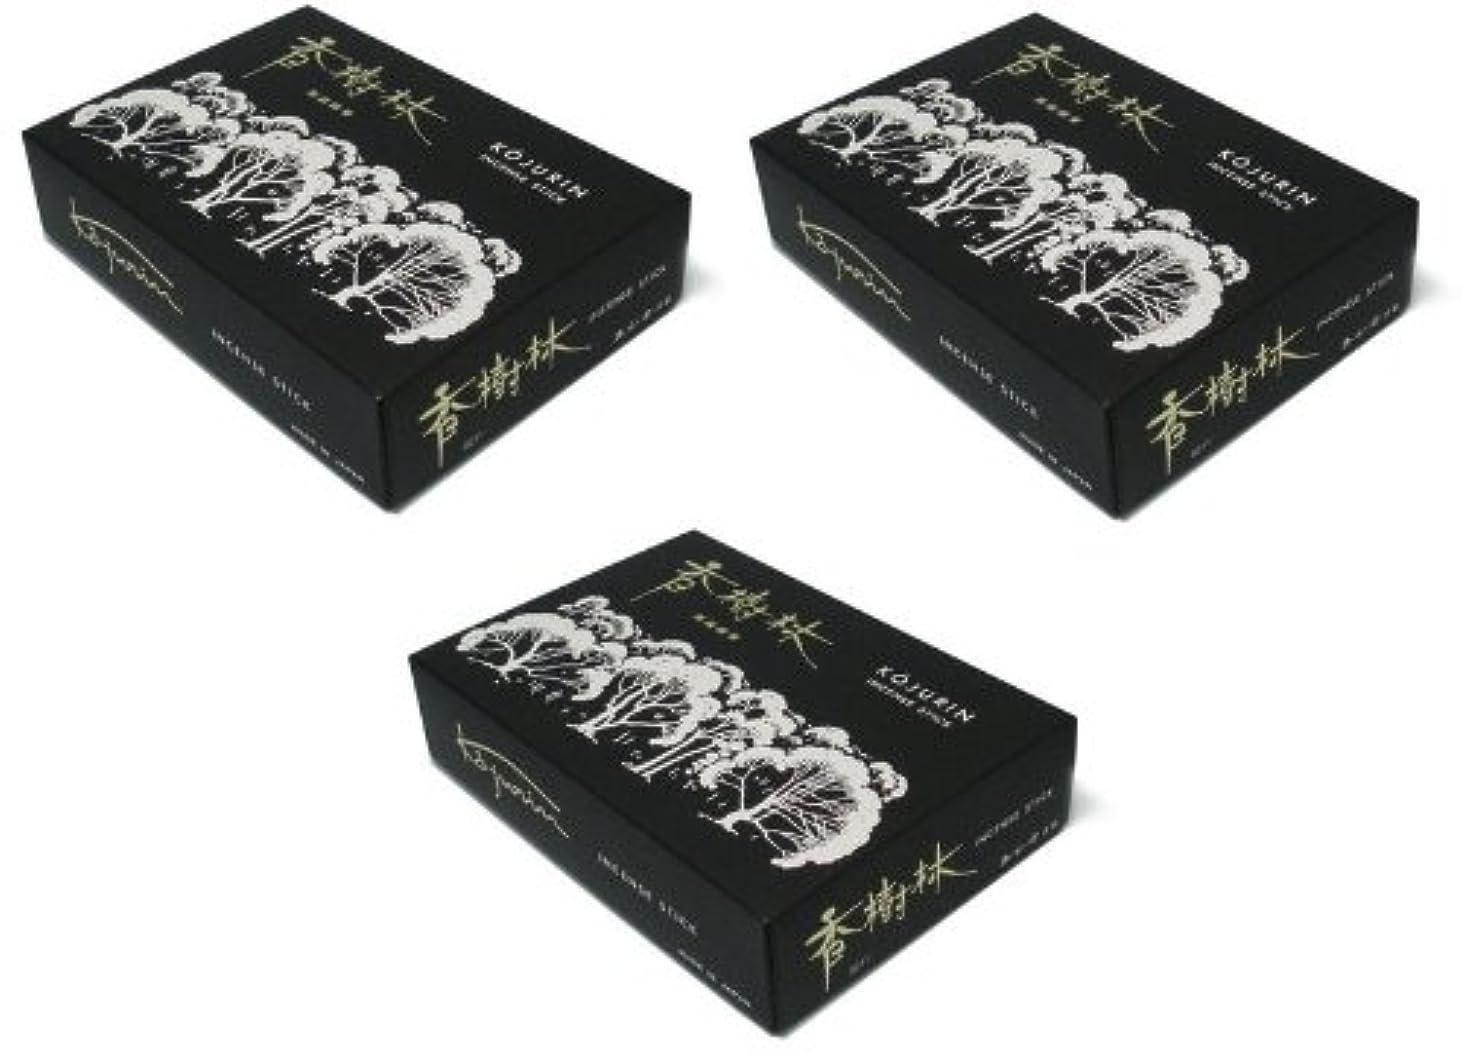 セッティング平等名前を作る玉初堂 香樹林 大バラ詰 3箱セット